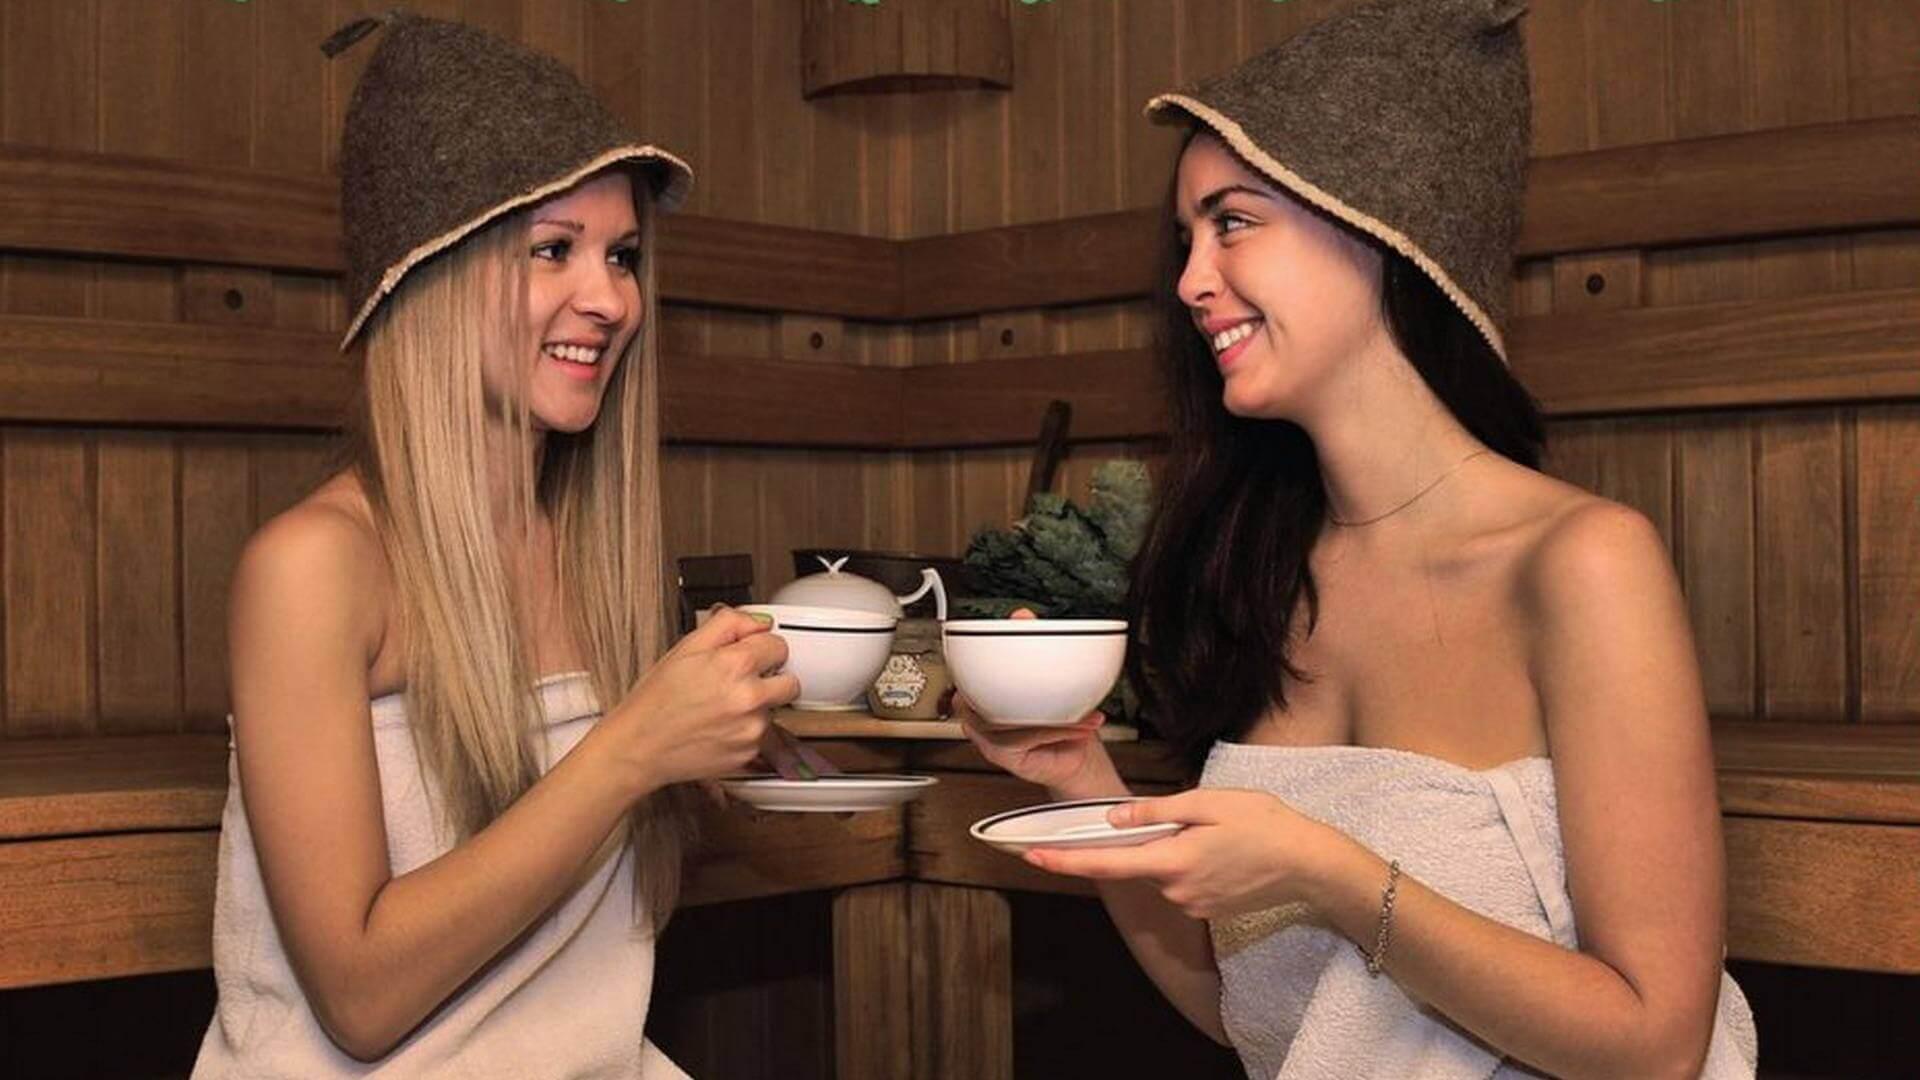 Лучший напиток после сауны - чай. какой и как его приготовить - в этой статье.